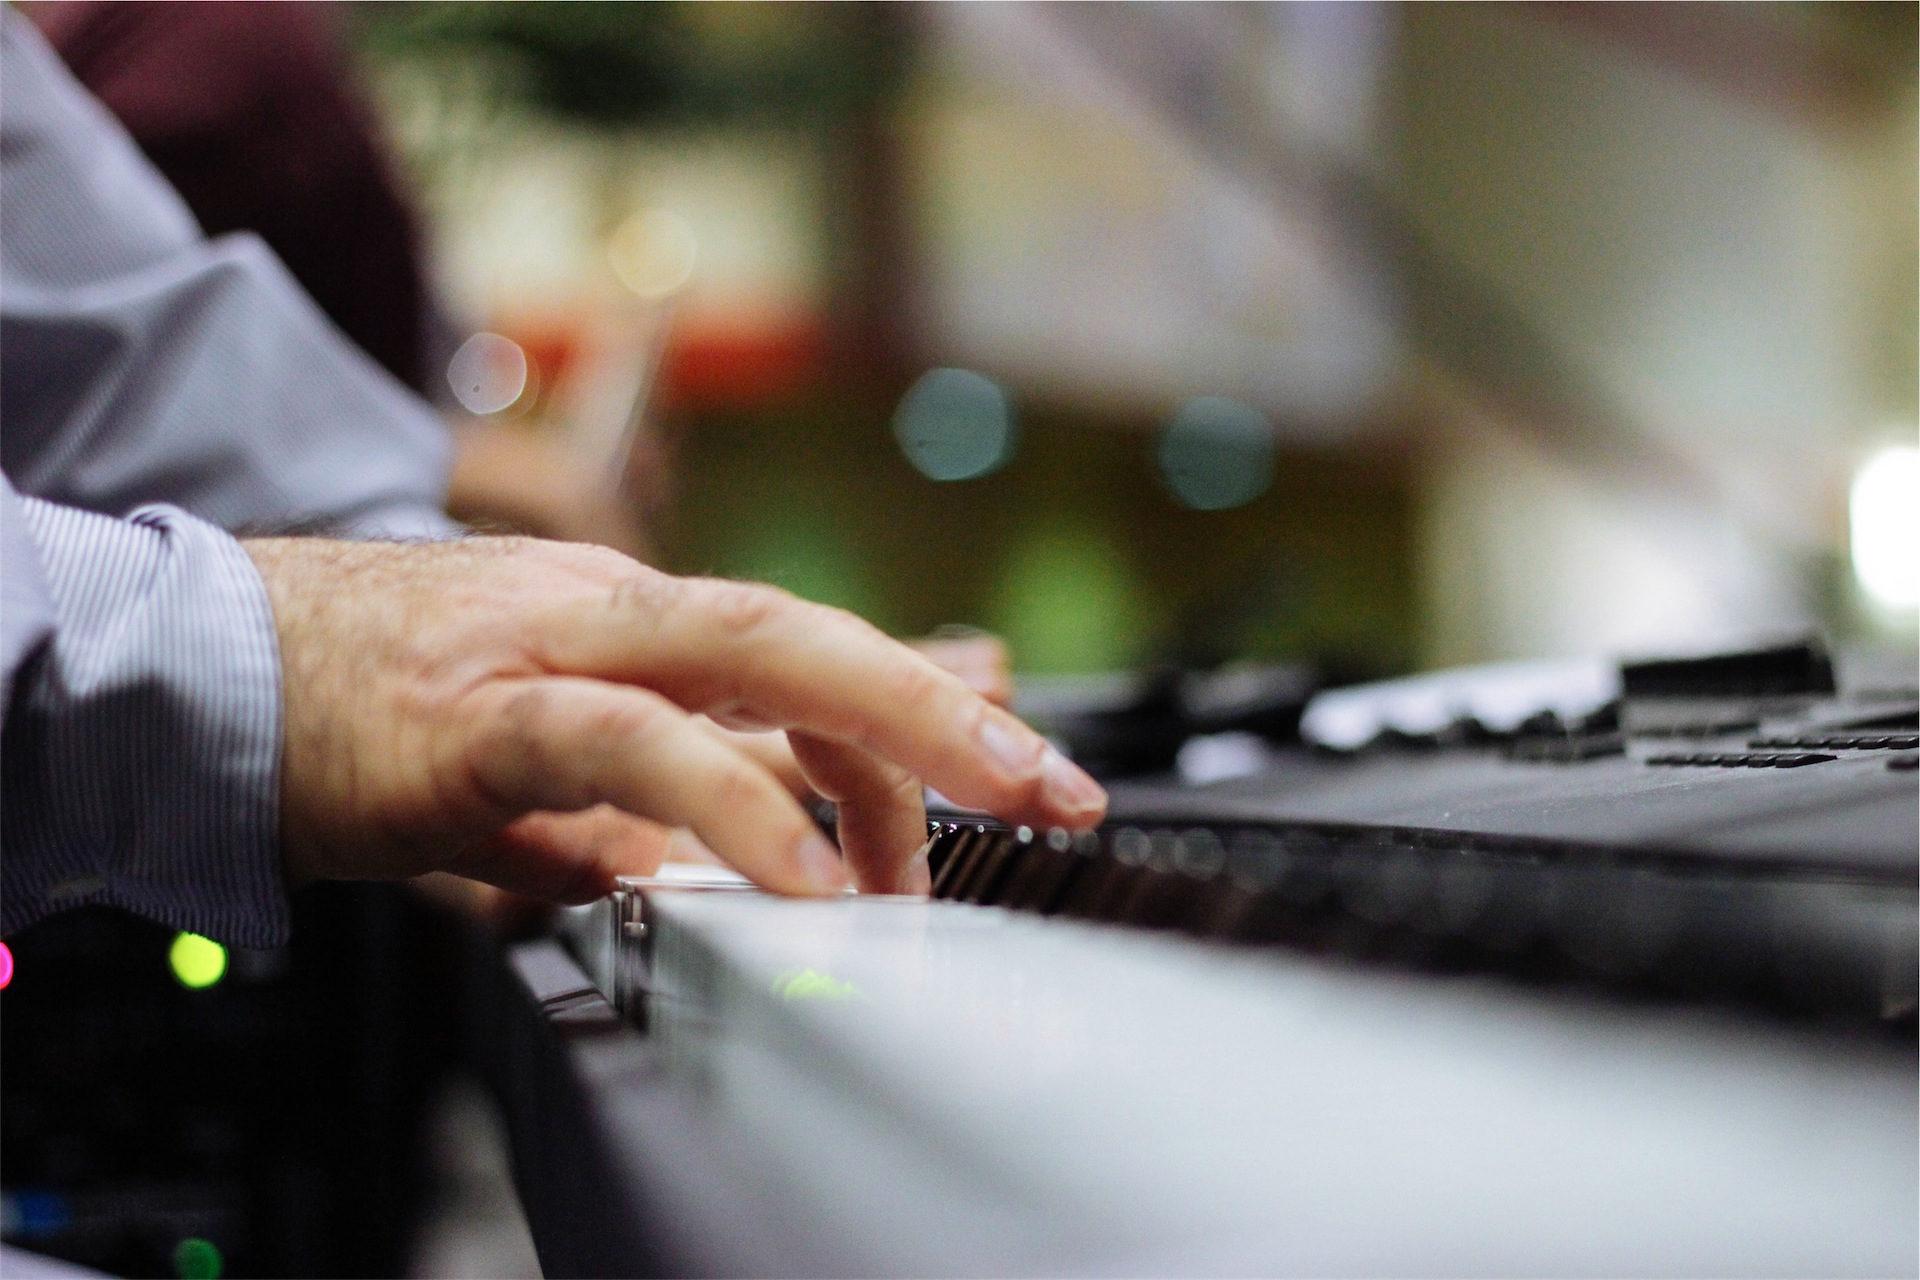 pianista, piano, melodía, manos, músico - Fondos de Pantalla HD - professor-falken.com